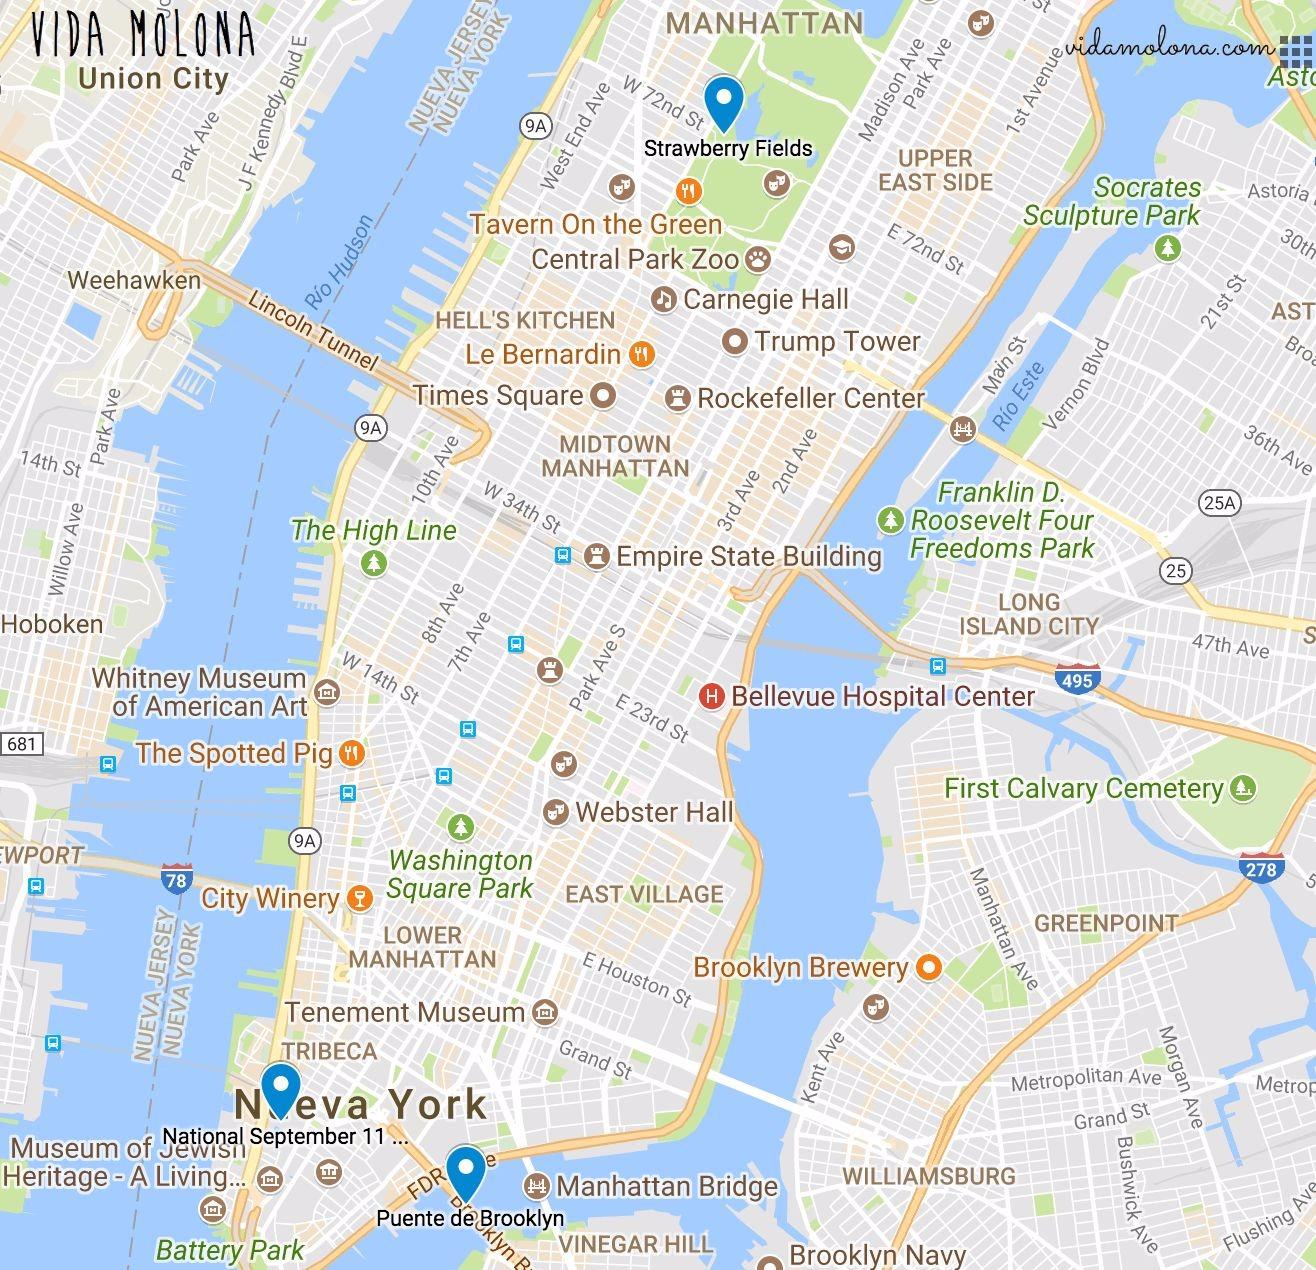 Brooklyn-a-Manhattan-new-york